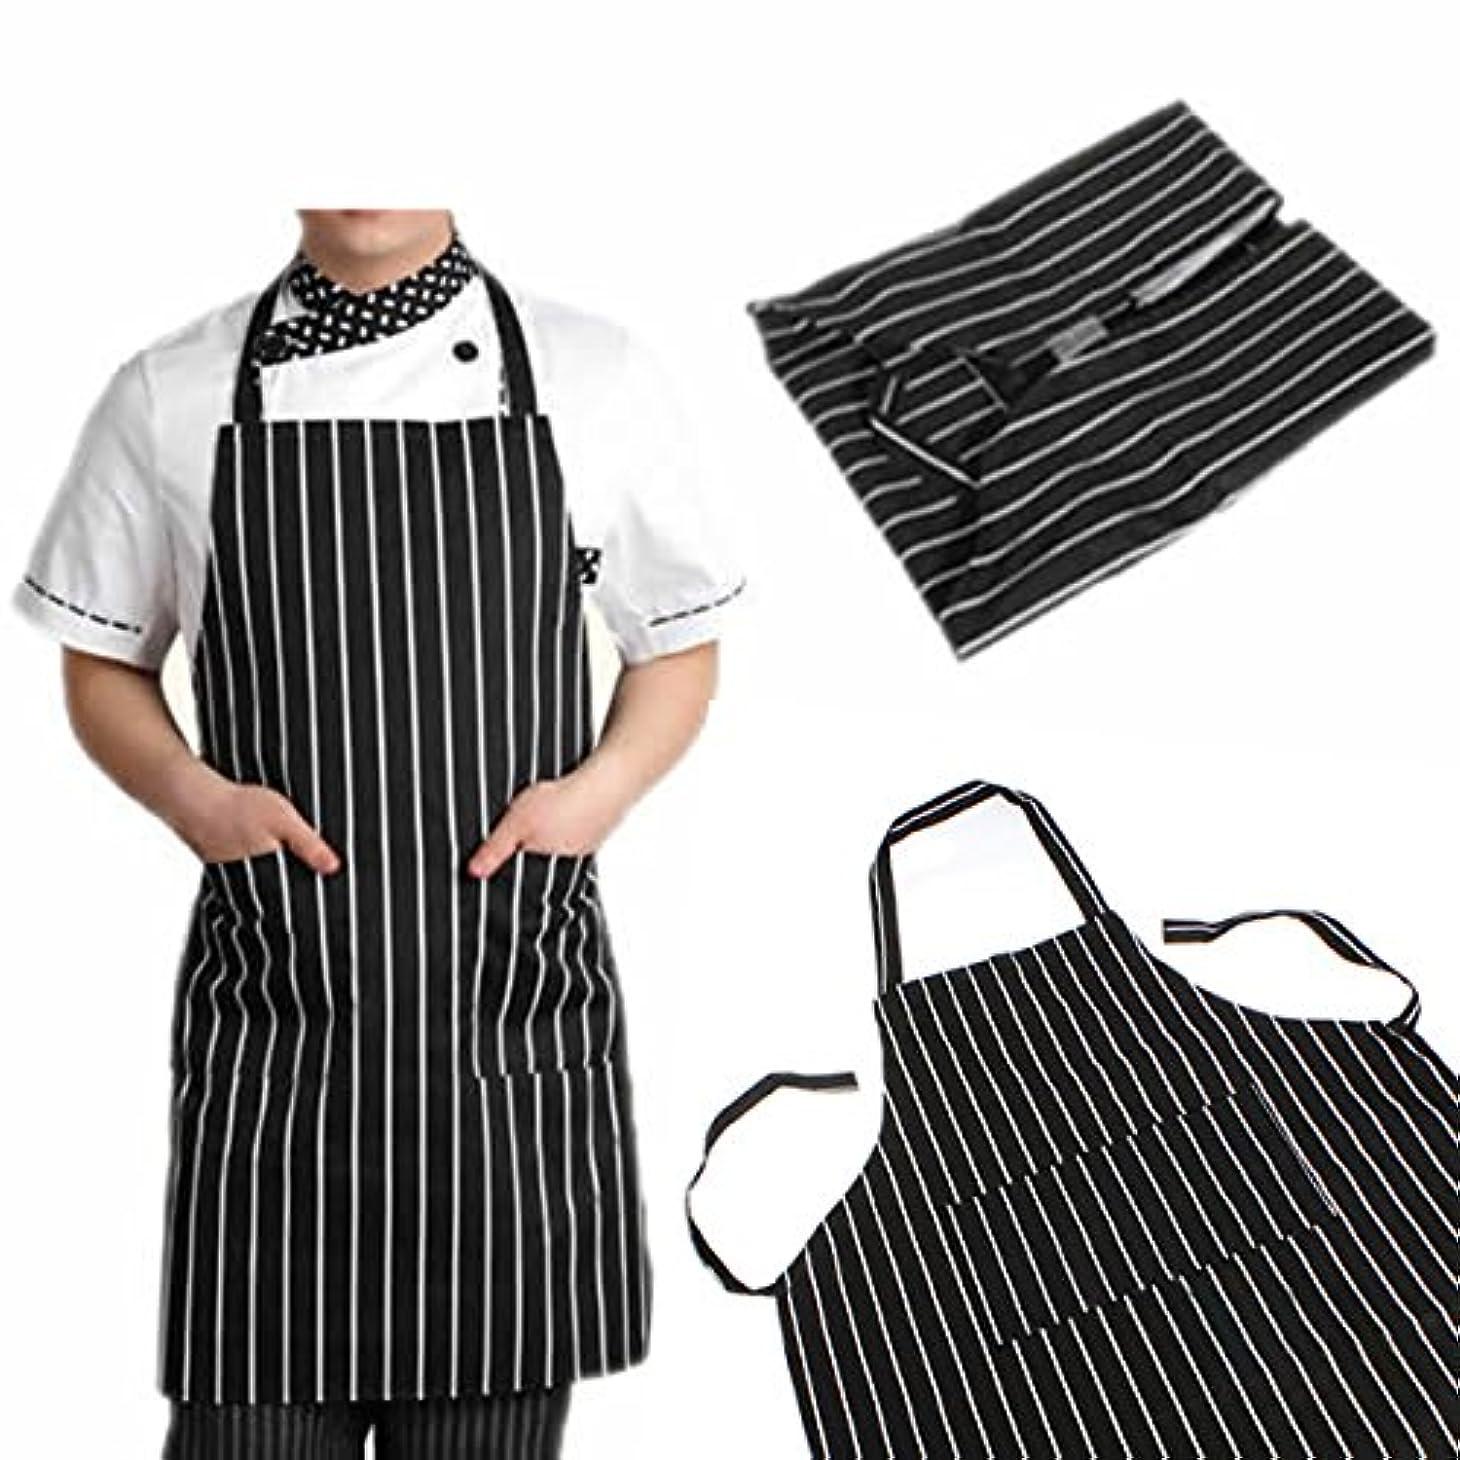 気を散らす労苦忘れっぽいattachmenttou ブラックストライプビブエプロン 2つのポケット付き キッチン料理 耐久性のある 有用 調節可能な 大人